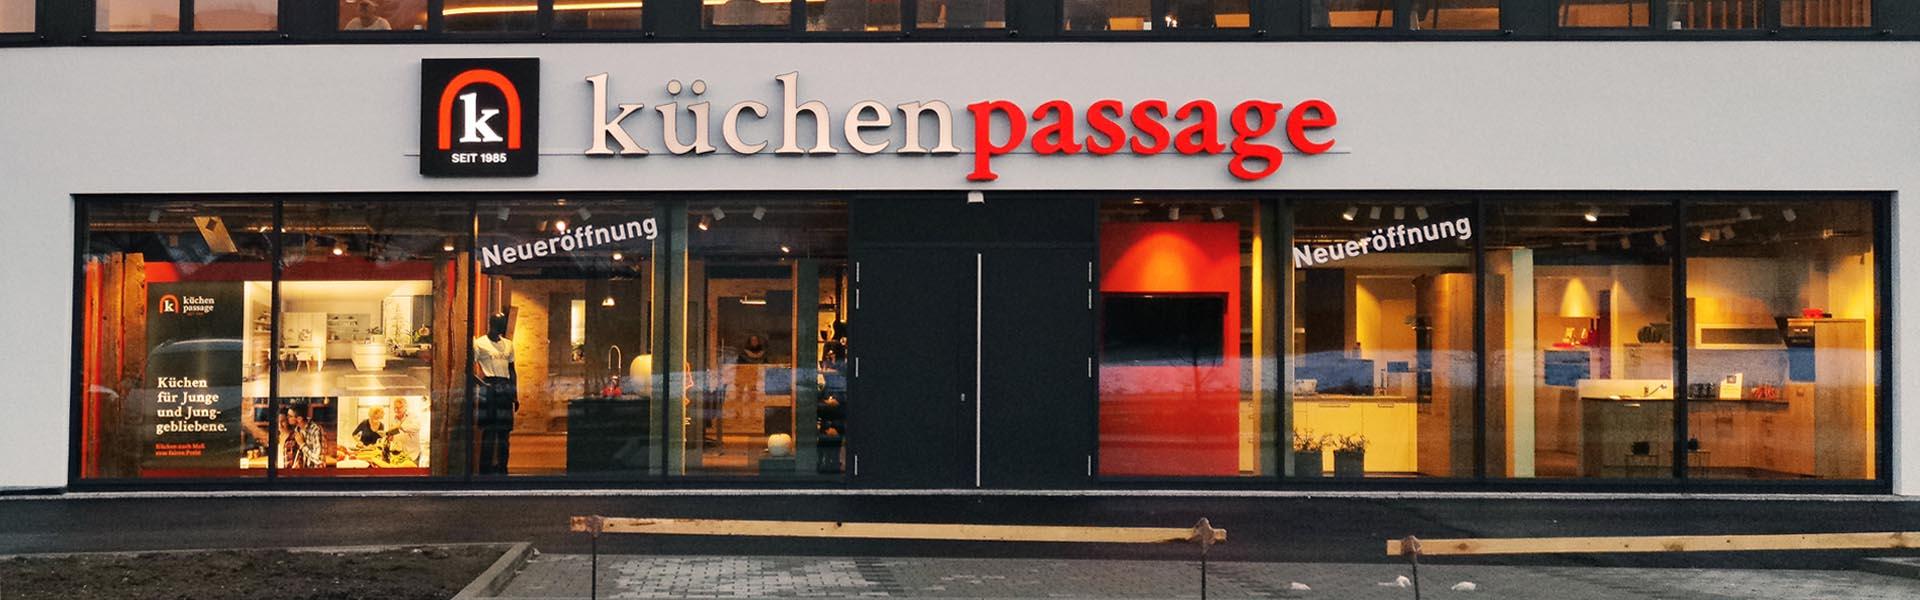 kuechen_in_ravensburg20190312.jpg